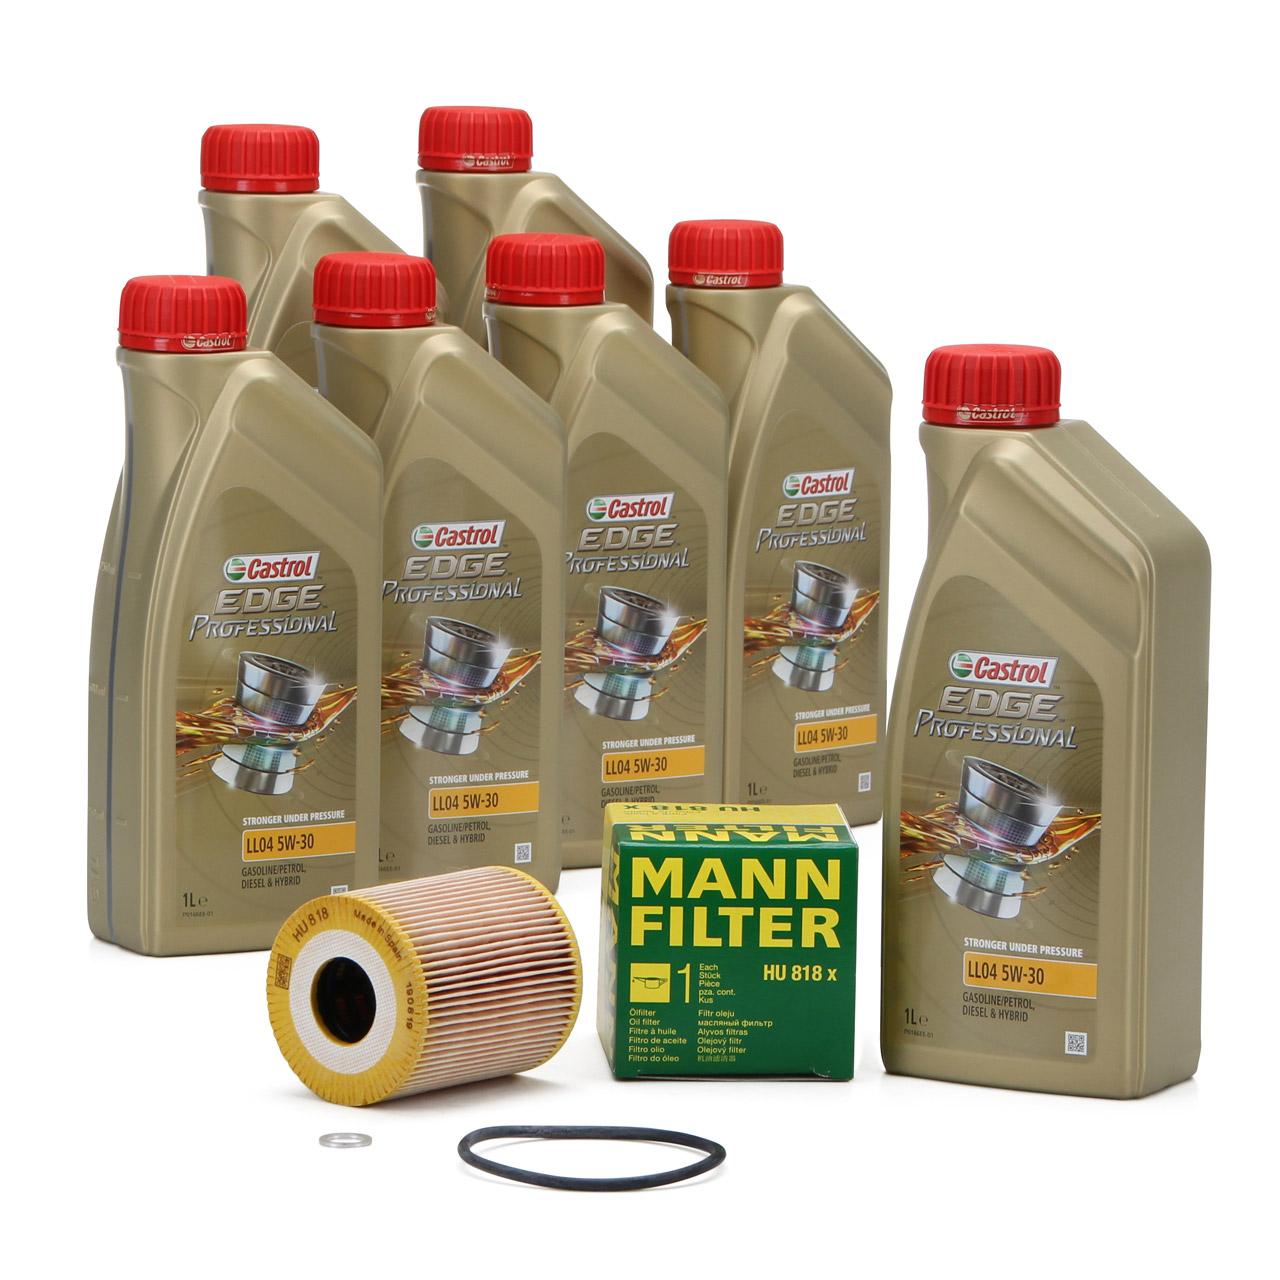 CASTROL EDGE Professional Motoröl Öl LL04 5W-30 7L + MANN Ölfilter HU818x